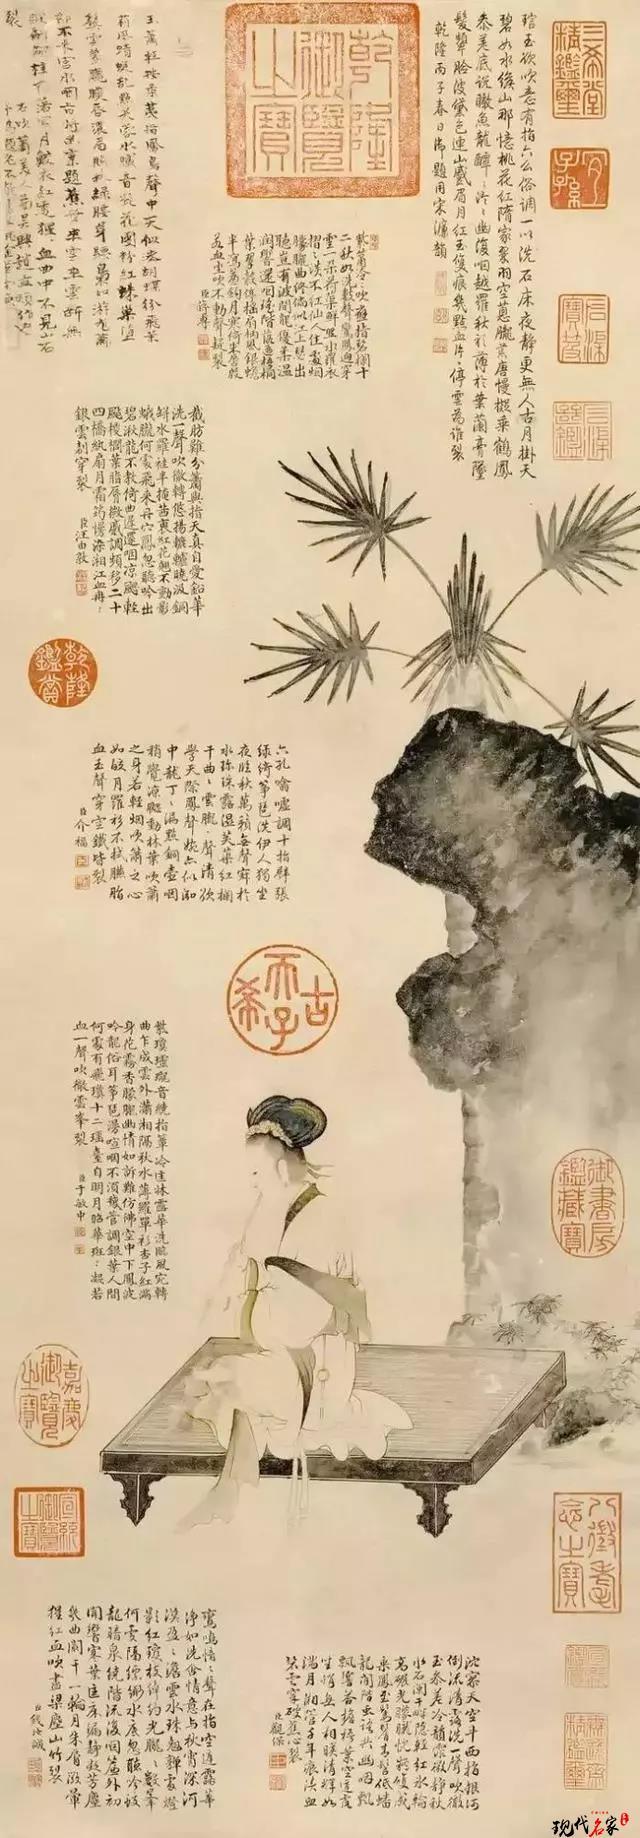 赵孟頫的绘画世界-第3张